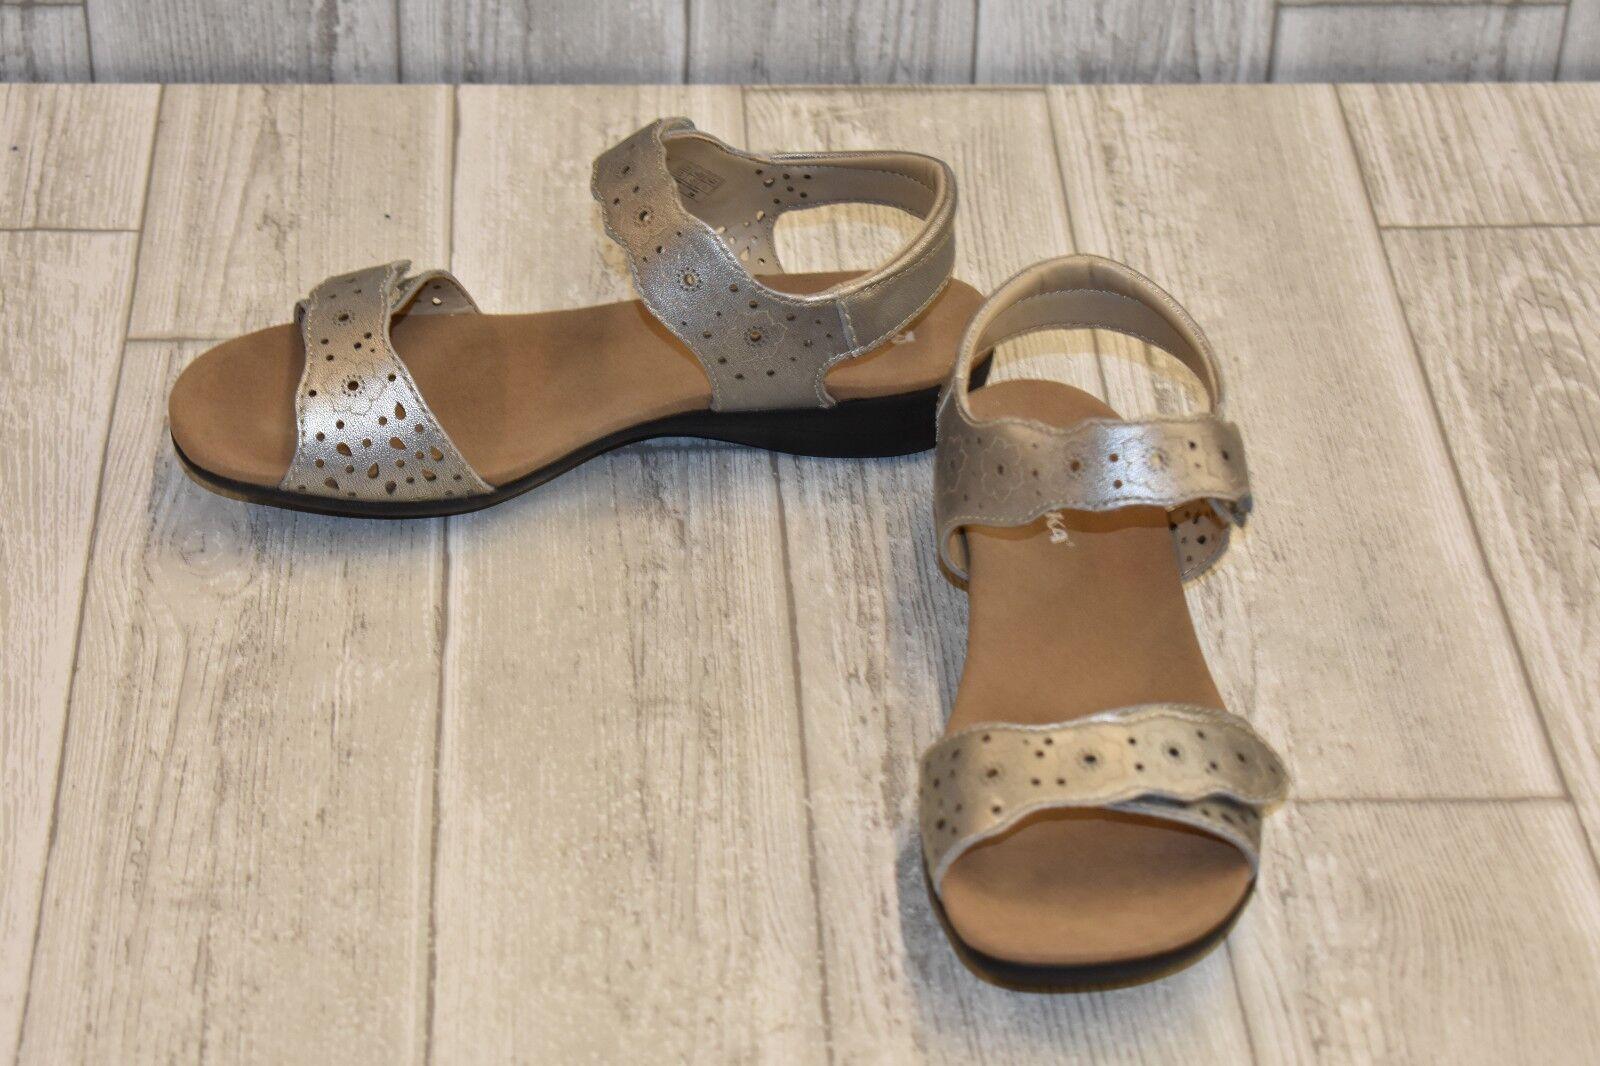 Romika 47106-49-730 Tahiti Sandal - - - Women's Size 7.5 Silver e0817f